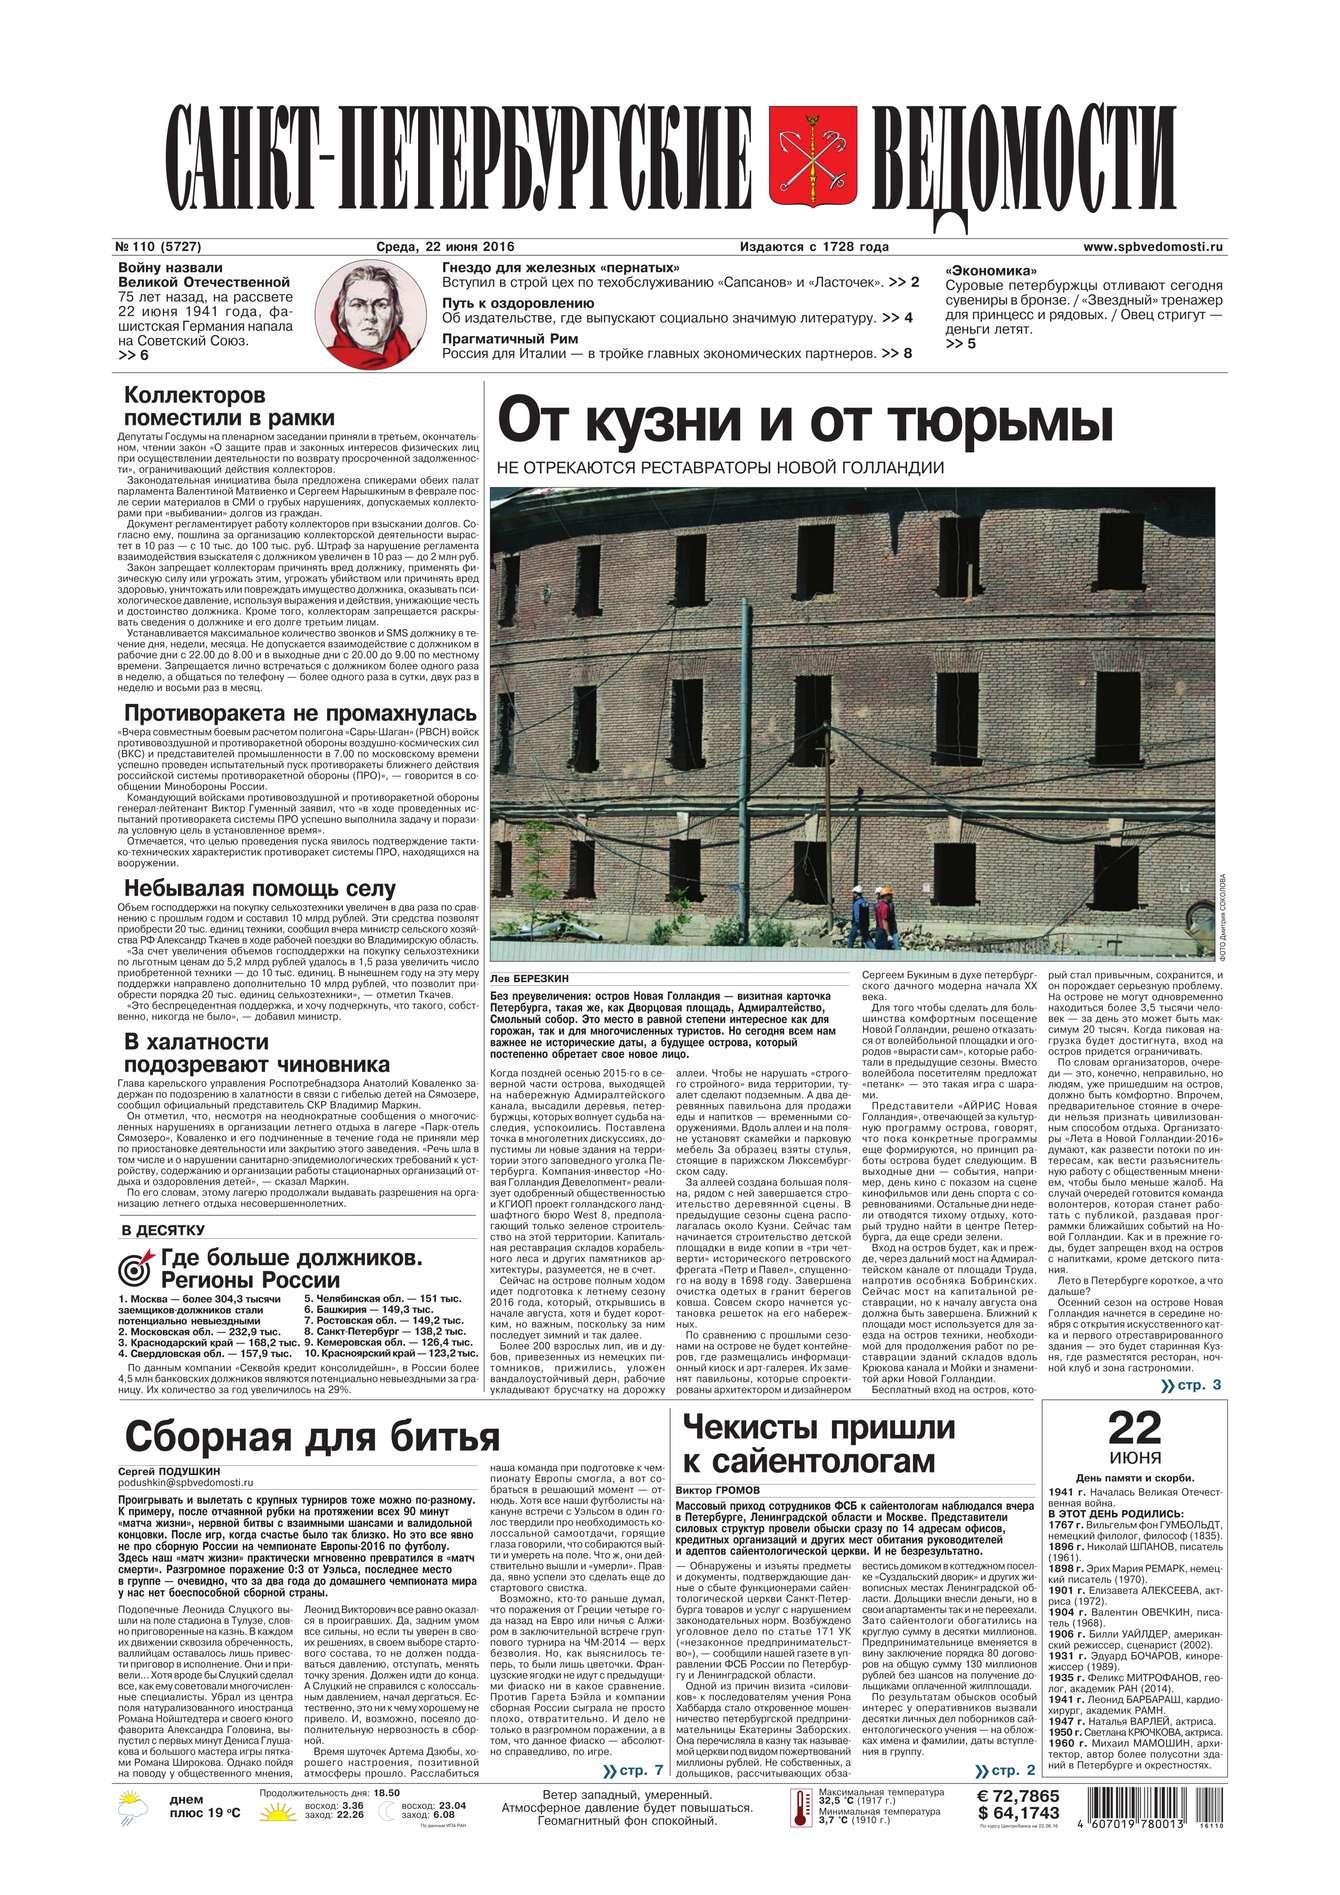 Санкт-Петербургские ведомости 110-2016